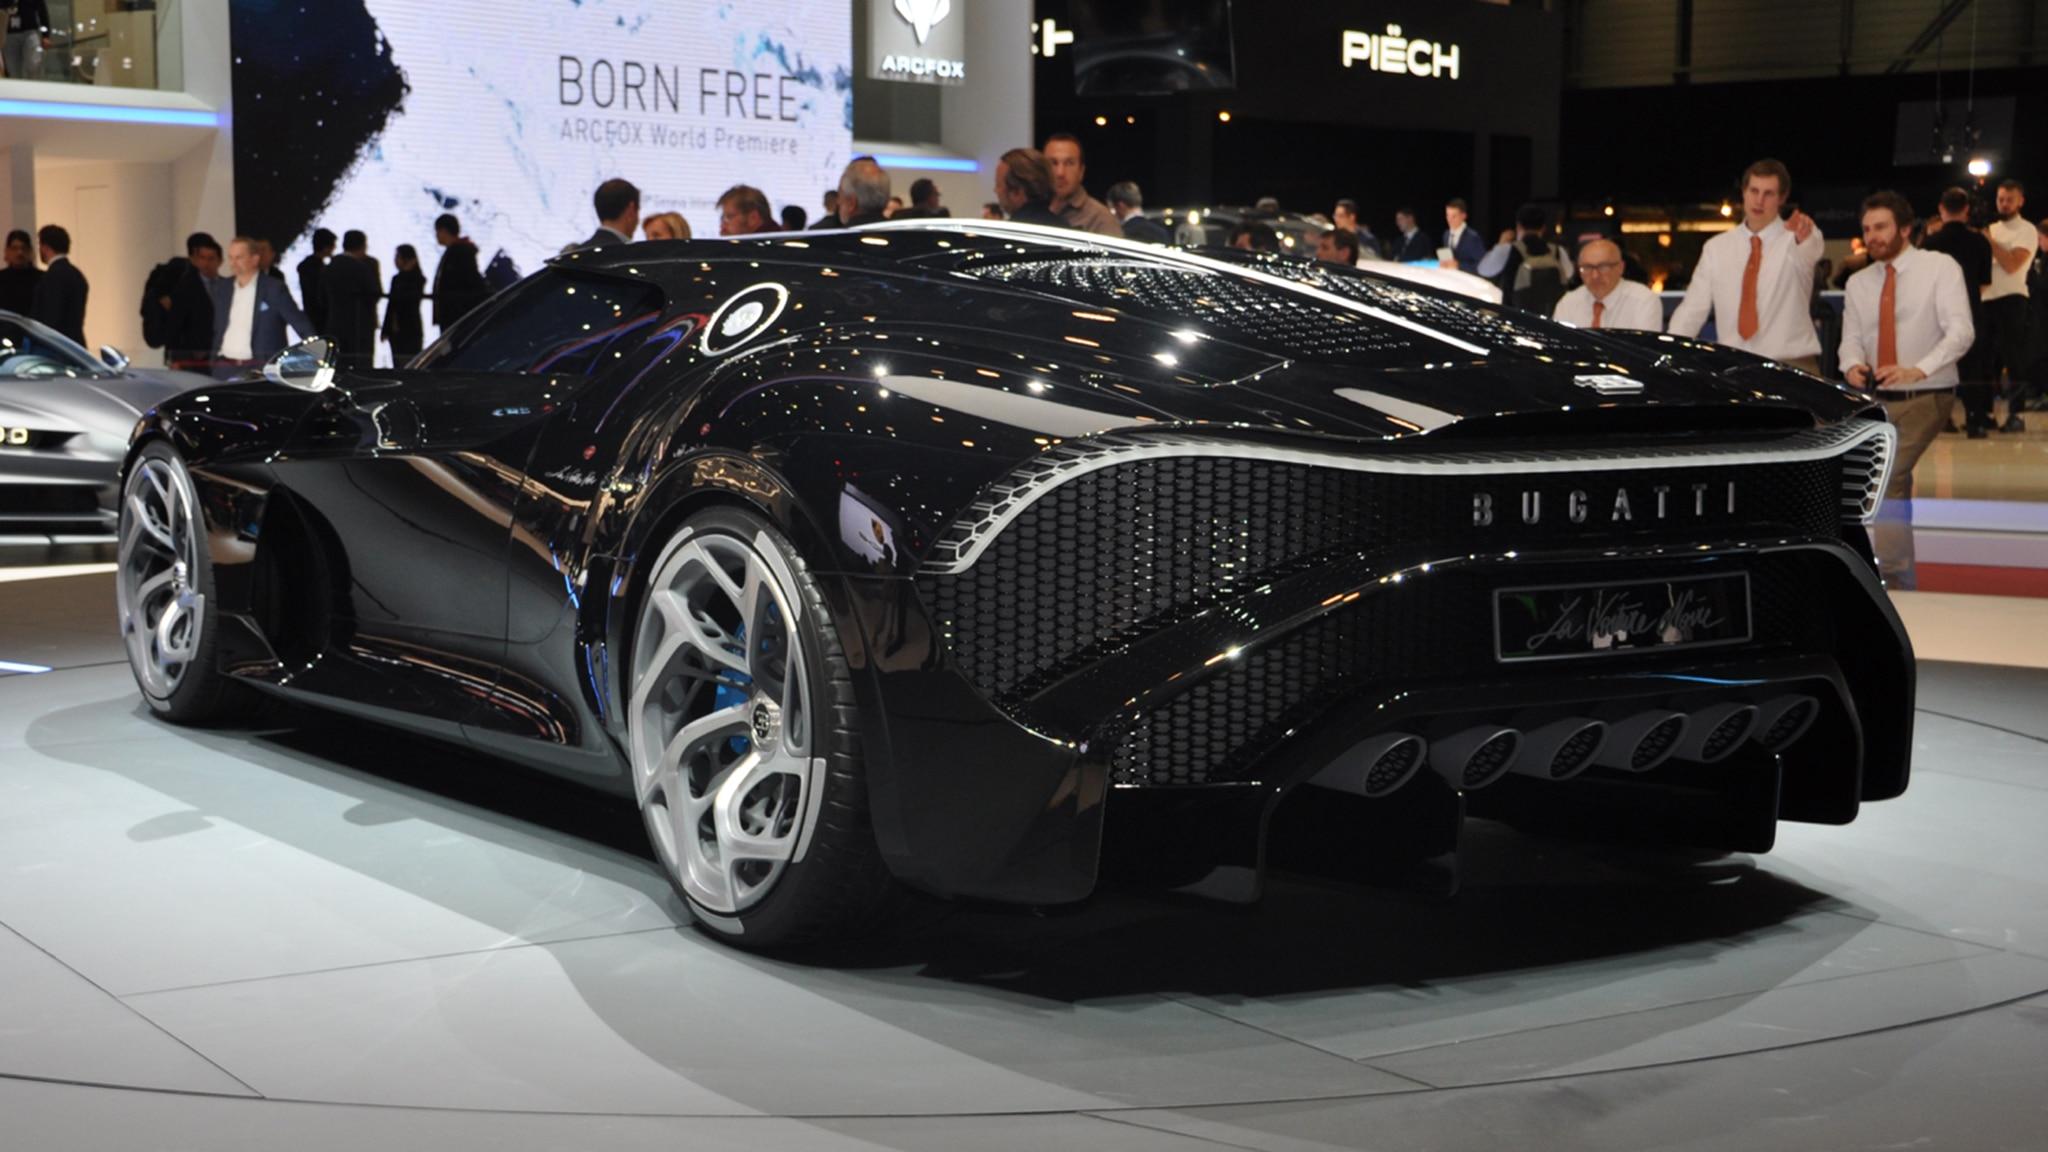 Bugatti La Voiture Noire: The Bugatti La Voiture Noire Is A $12.5 Million Tribute To